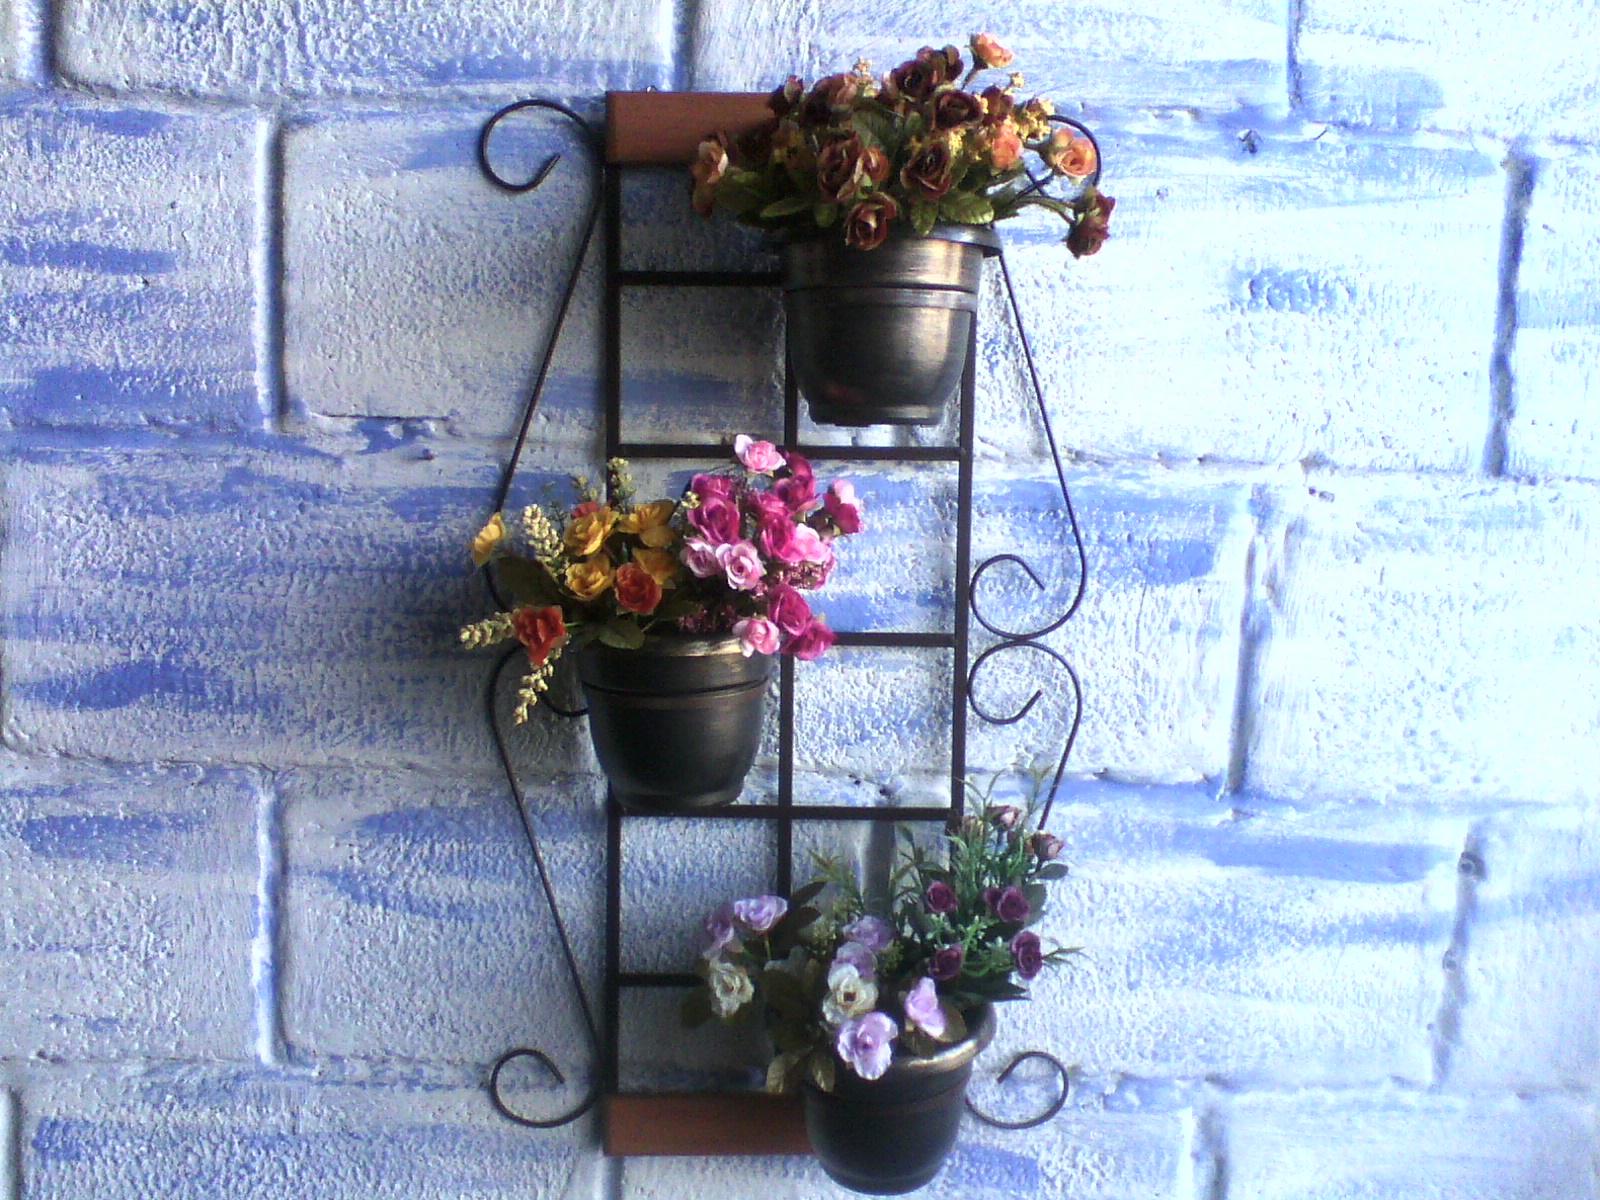 trelica de madeira jardim vertical:trelica para jardim vertical com vasos metal trelica para jardim